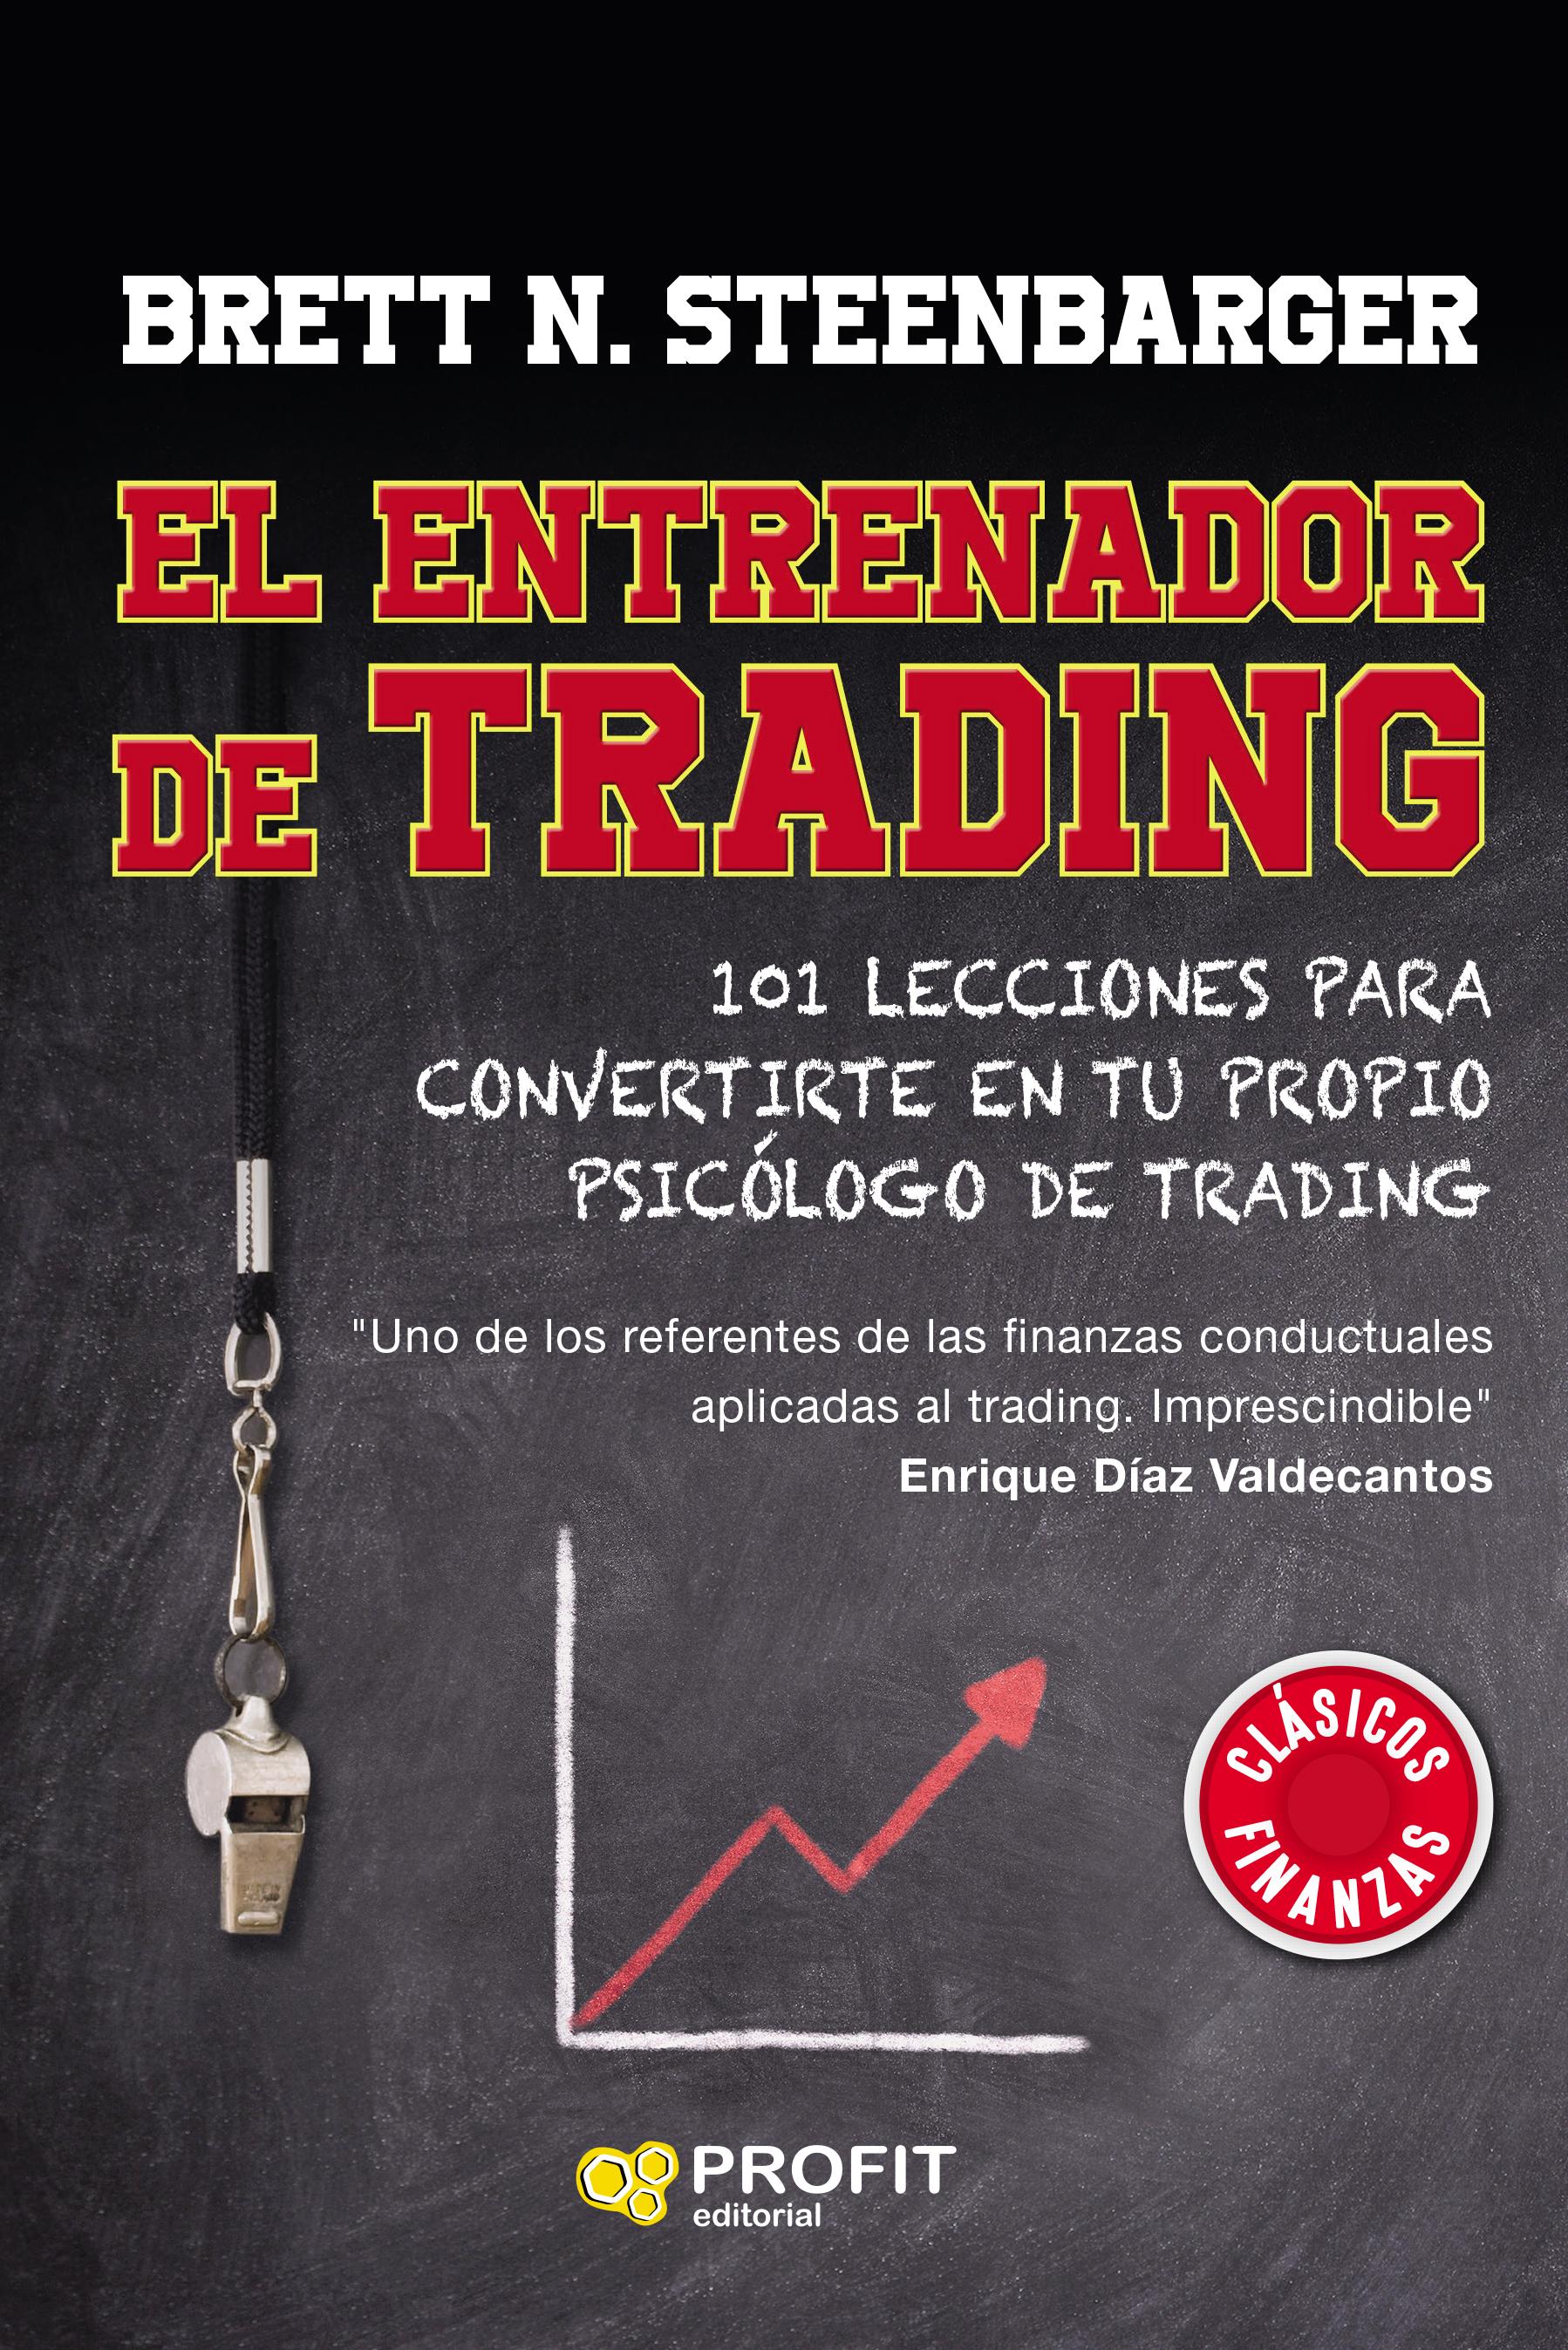 El entrenador de trading   «101 lecciones para convertirte en tu propio psicólog de trading»